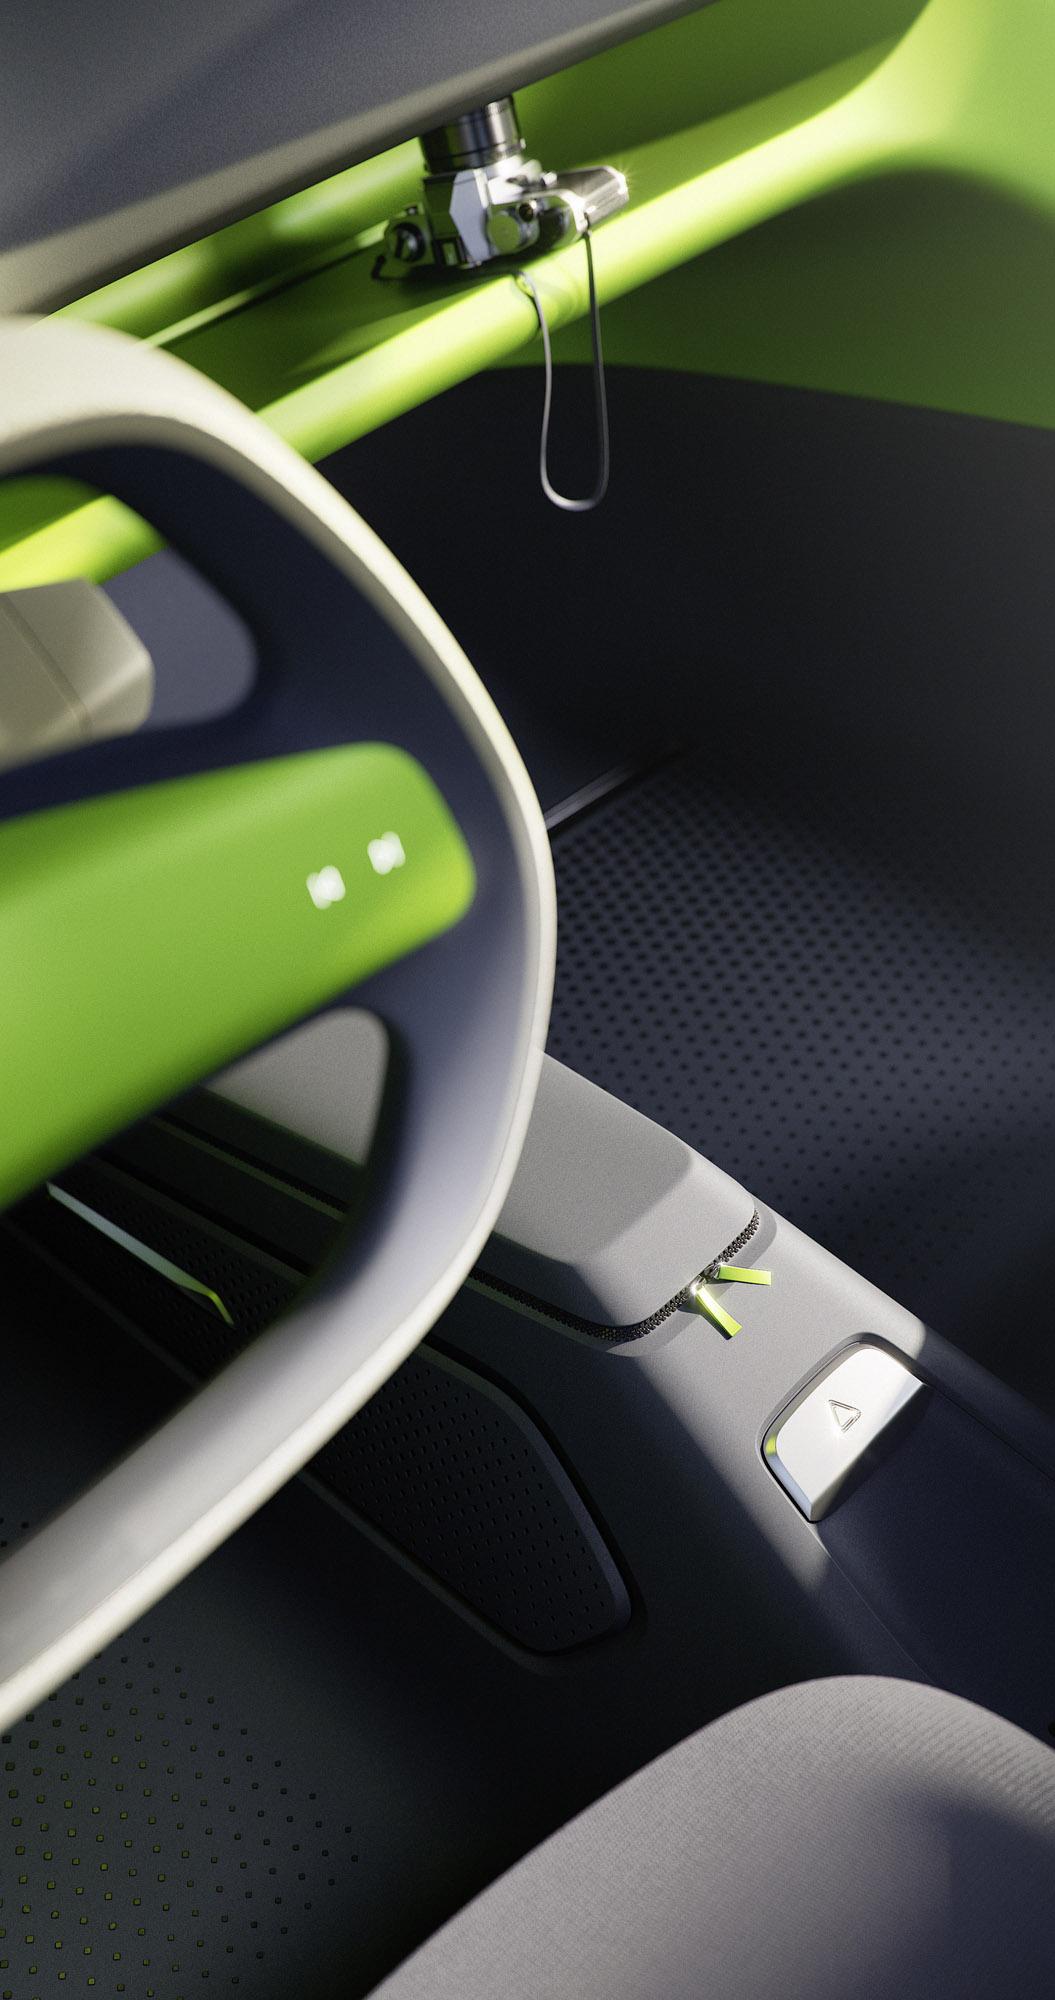 Система трансмиссии I.D. BUGGY с нулевым уровнем выбросов создается благодаря встроенному в задний мост электромотору, односкоростной коробке передач и высоковольтной плоской батарее мощностью 62 кВт.